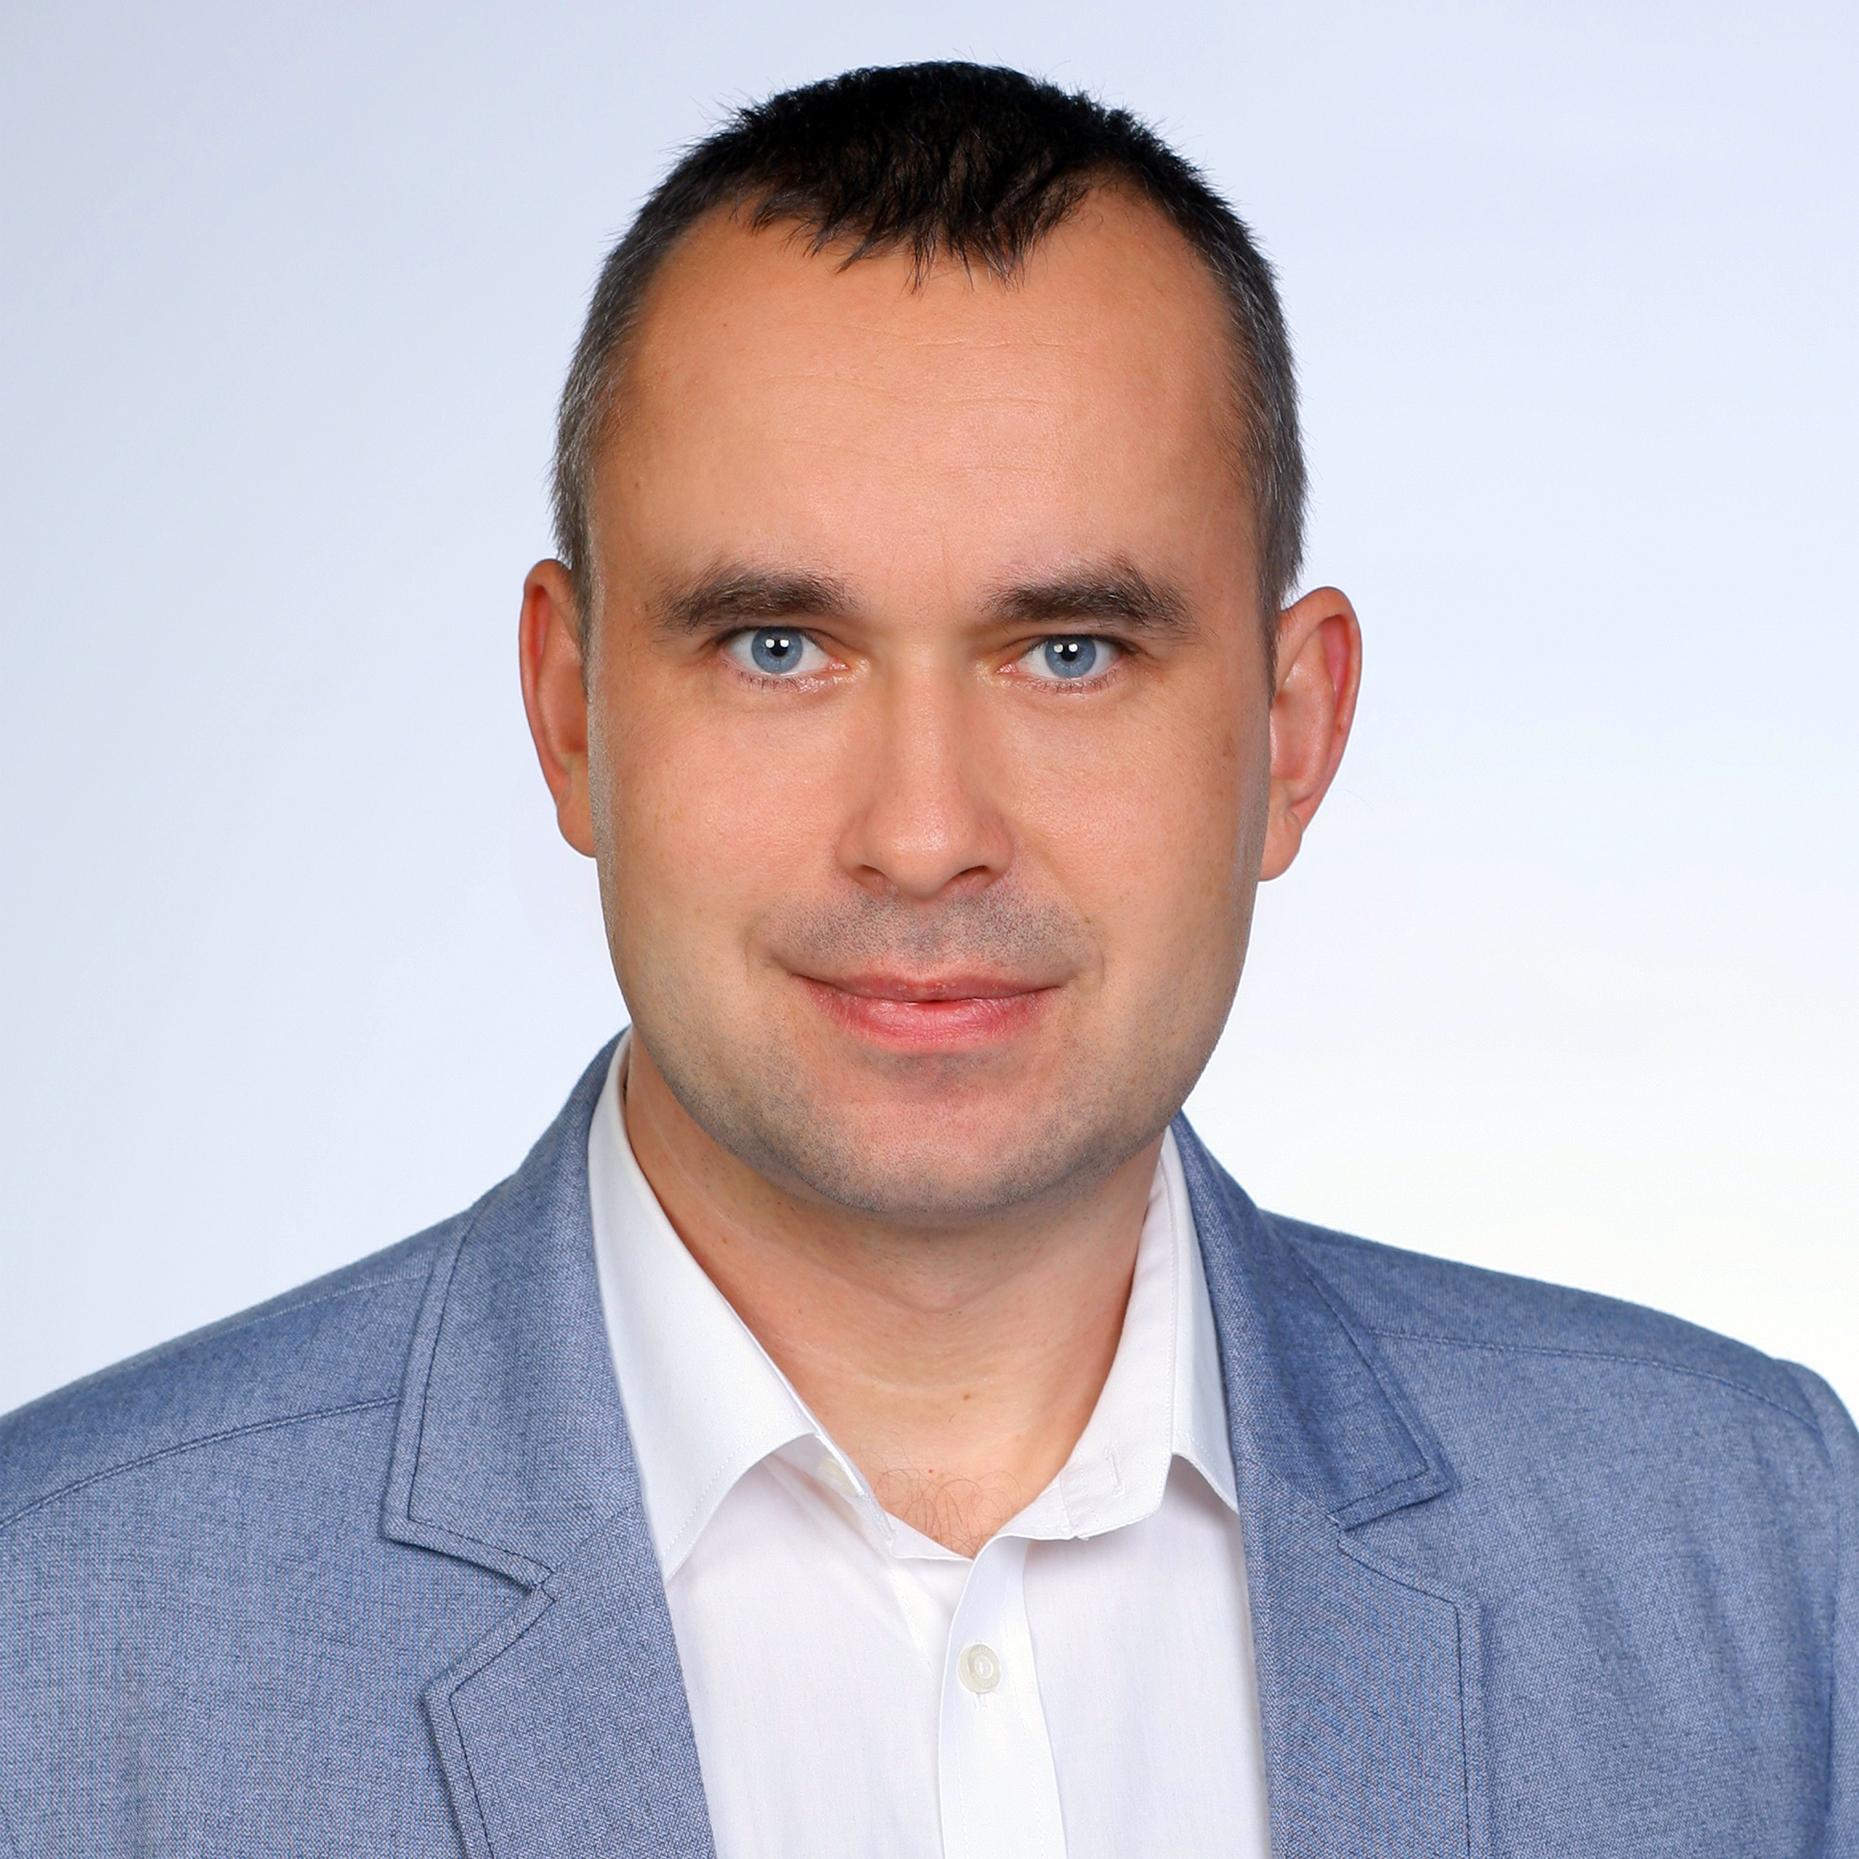 Rafał Kobus